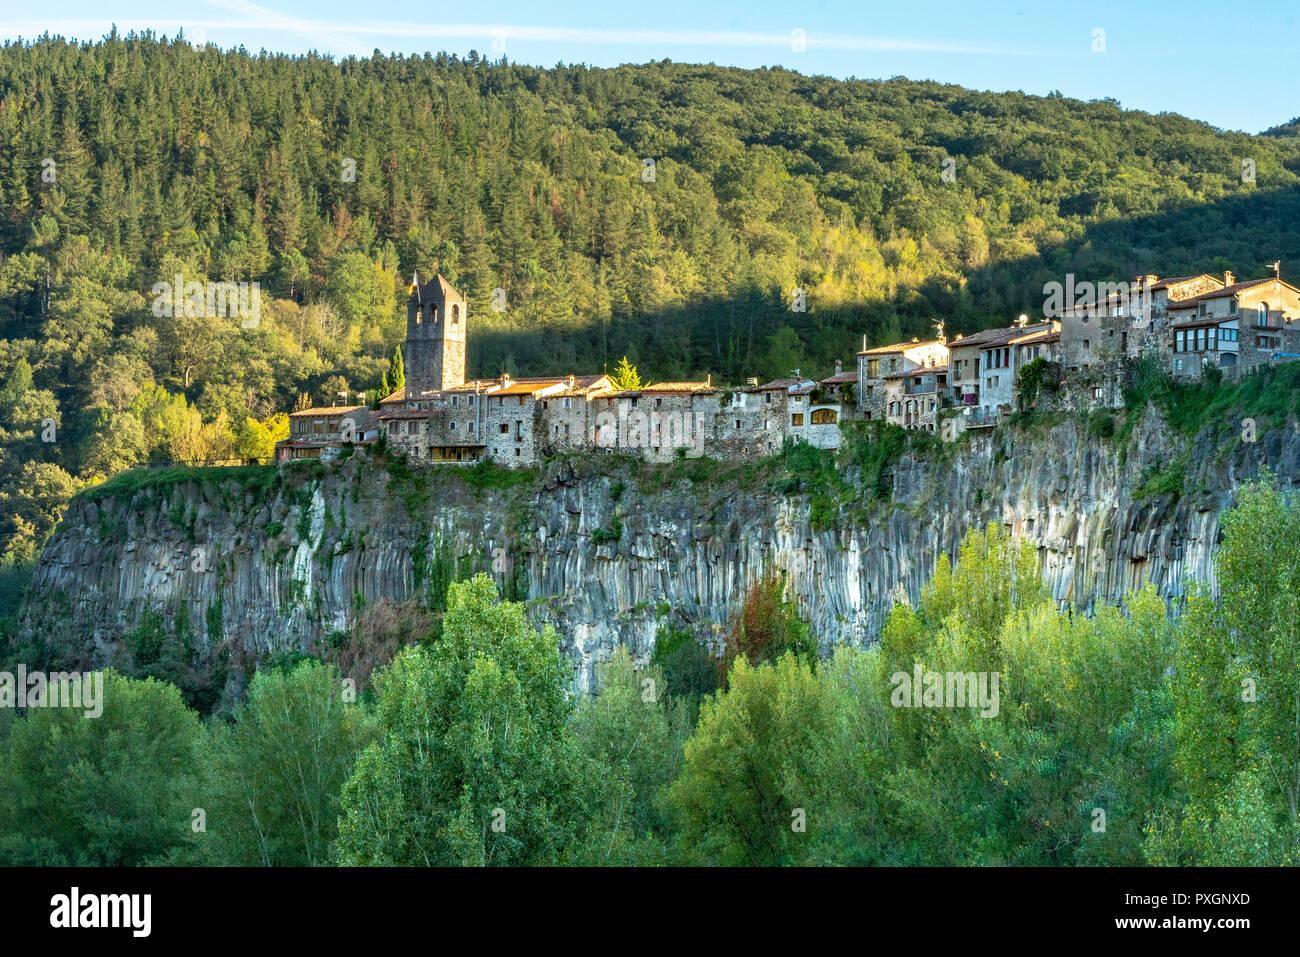 Castellfolit de la Roca bei Olot / Girona in Katalonien / Spanien - ein Dorf aus dem Mittelalter, welches noch sehr gut erhalten ist - Stock Image